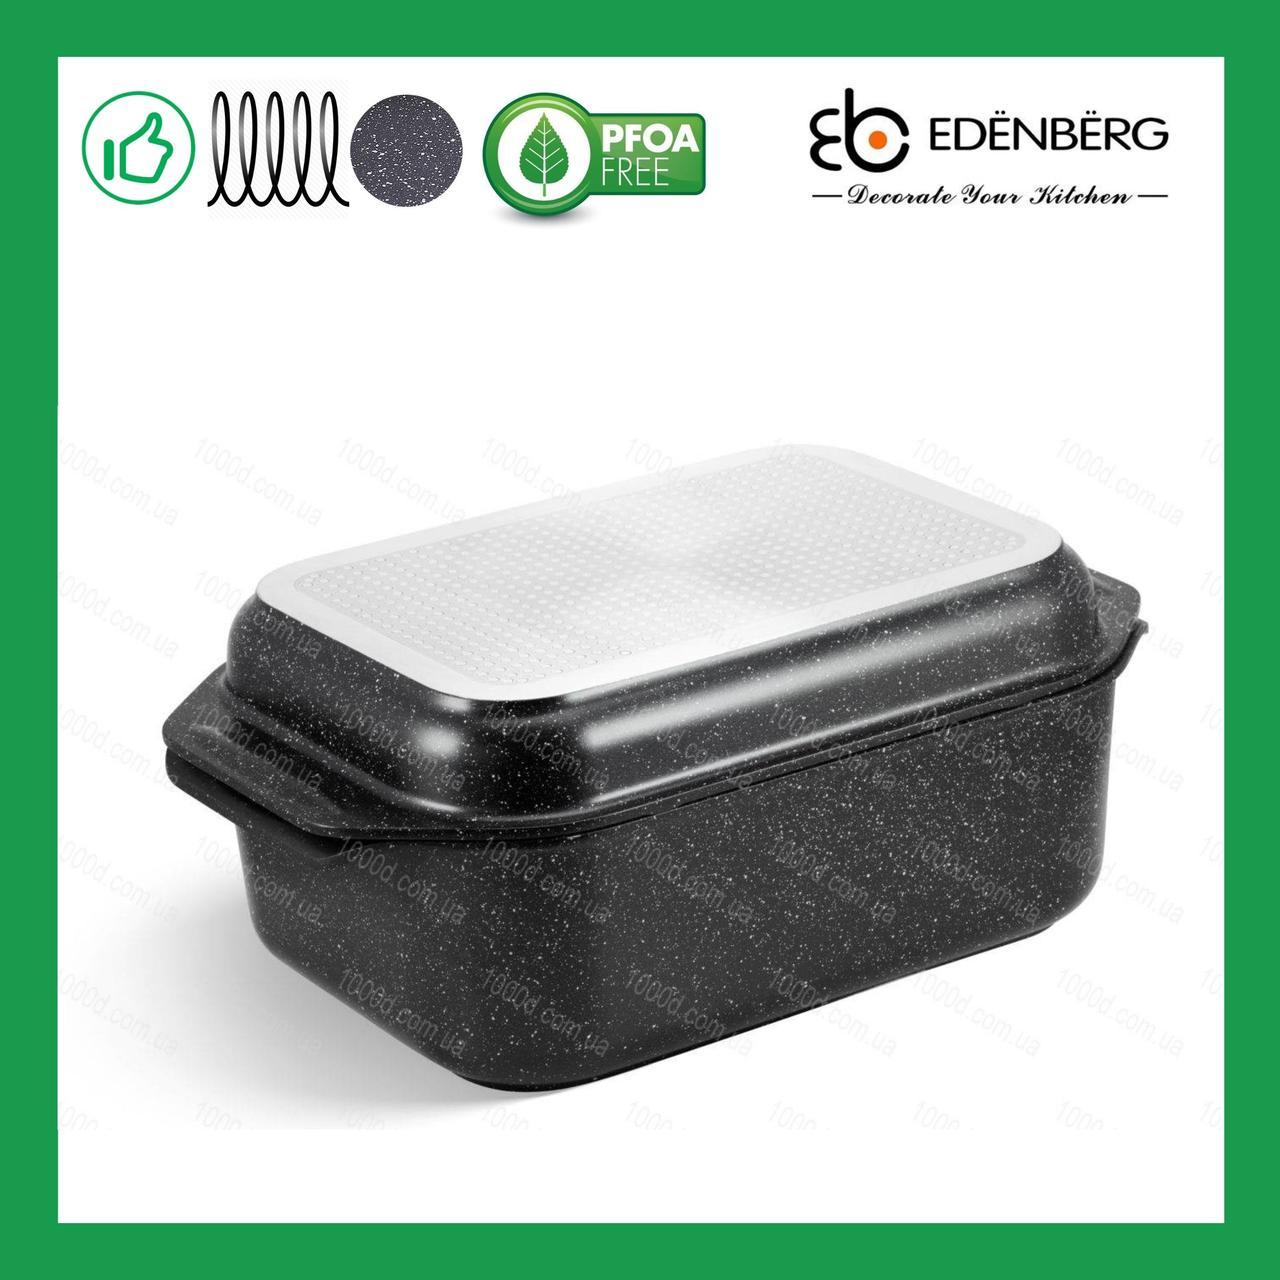 Гусятница литая антипригарная с крышкой Edenberg 8 л (EB-4611)